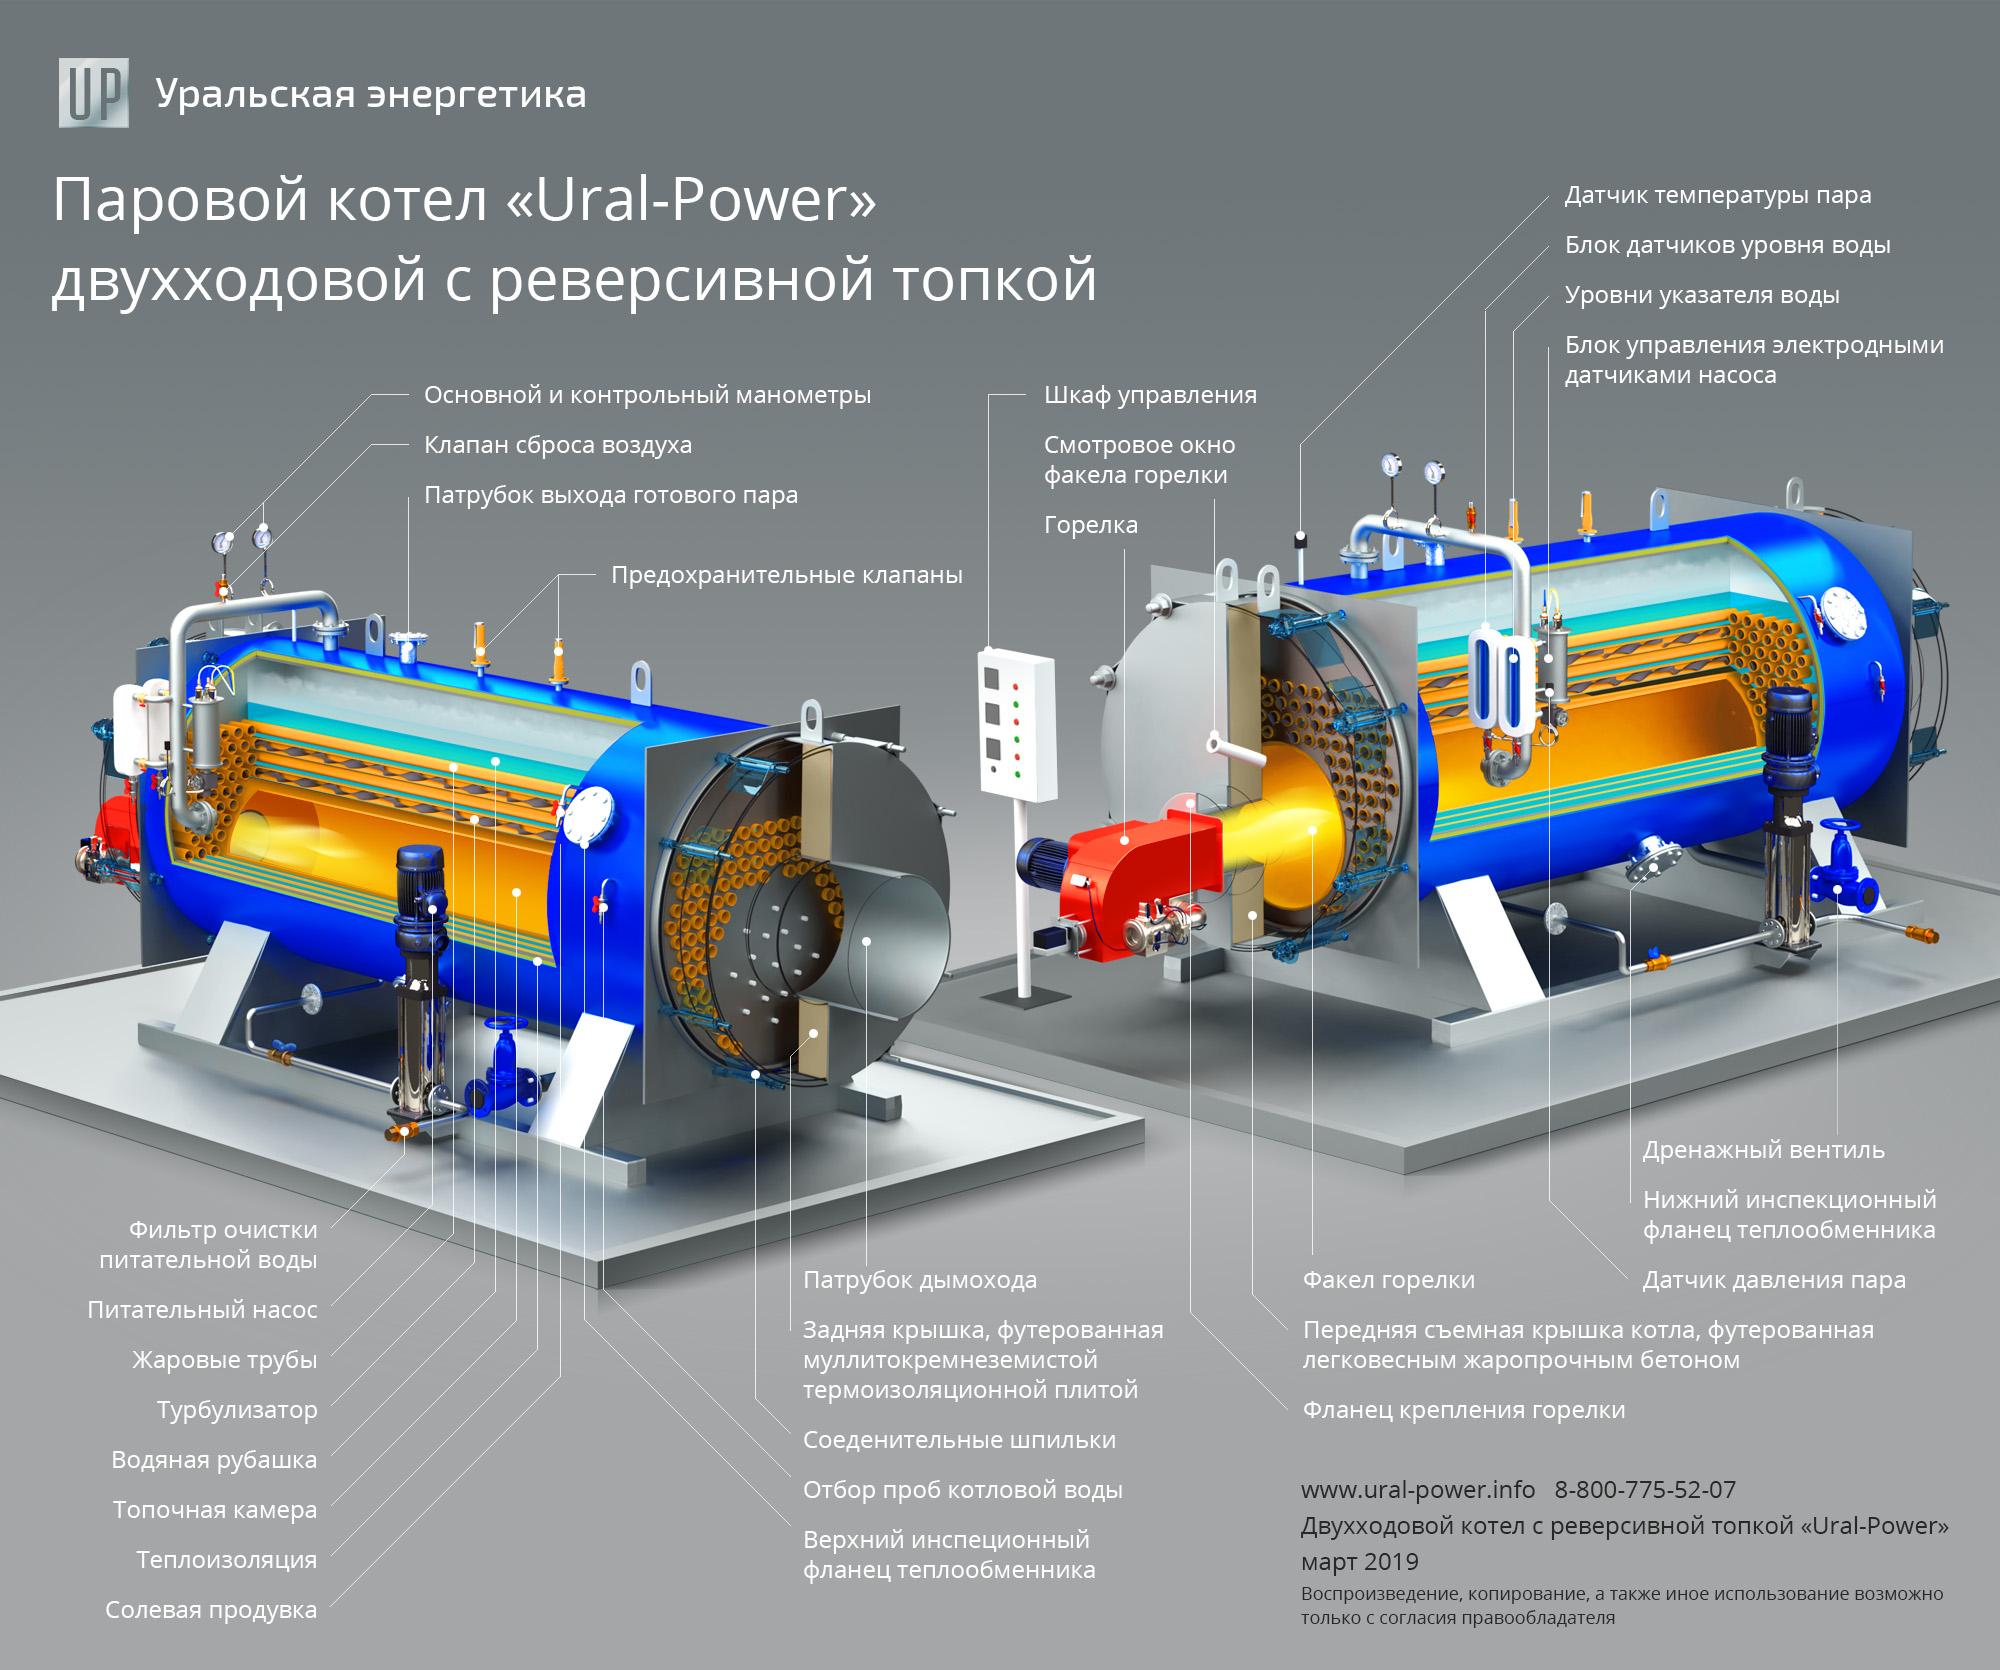 Паровой котел на мазуте URAL-POWER описание